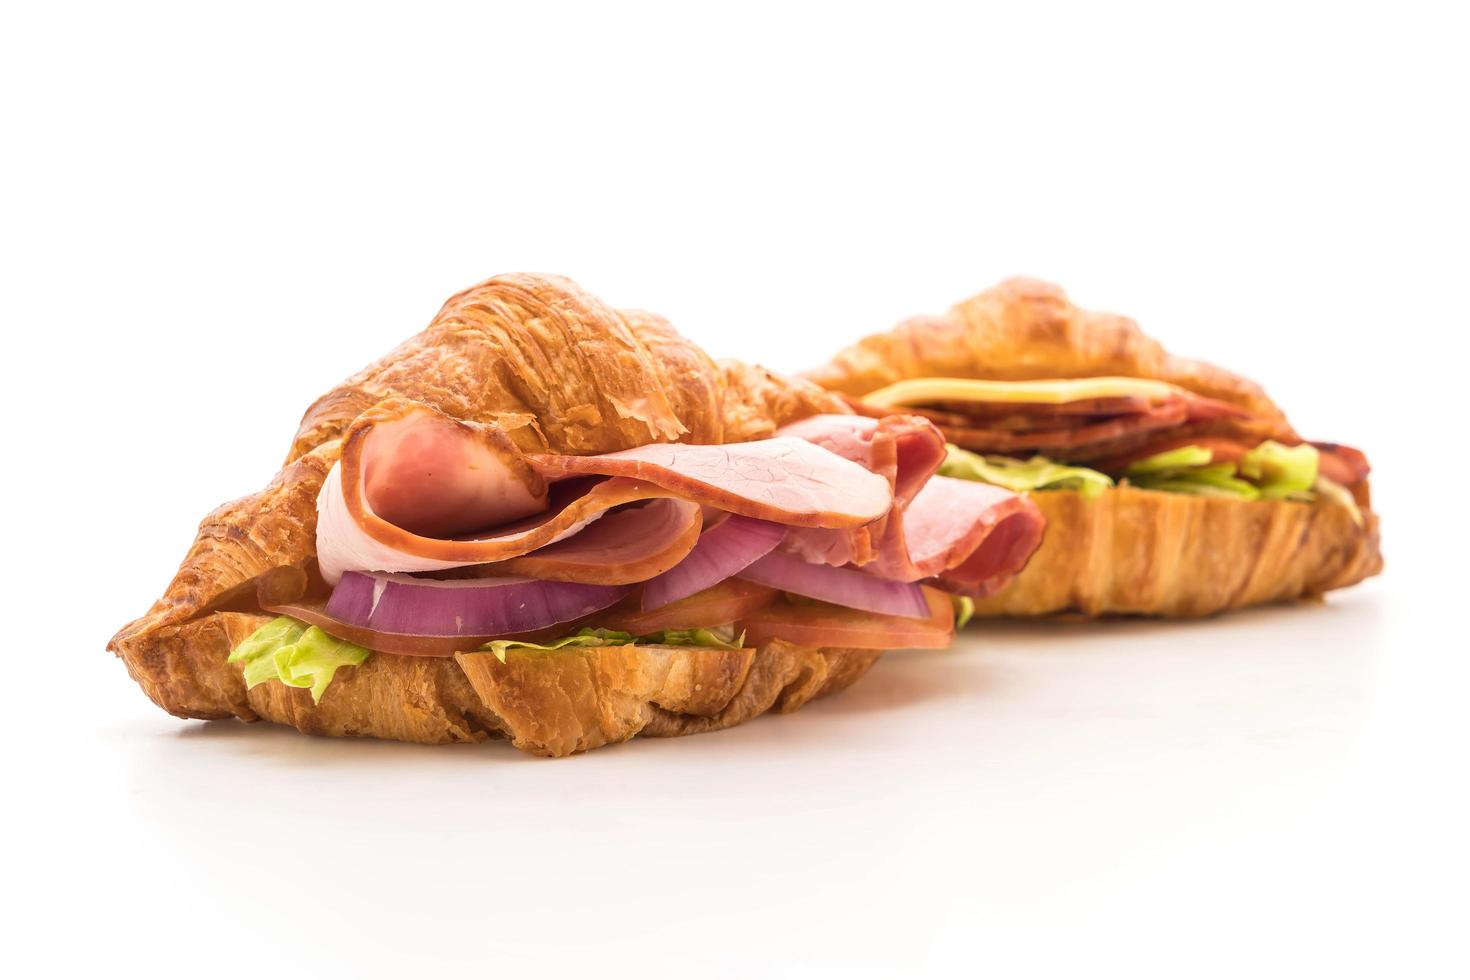 panini al prosciutto croissant foto